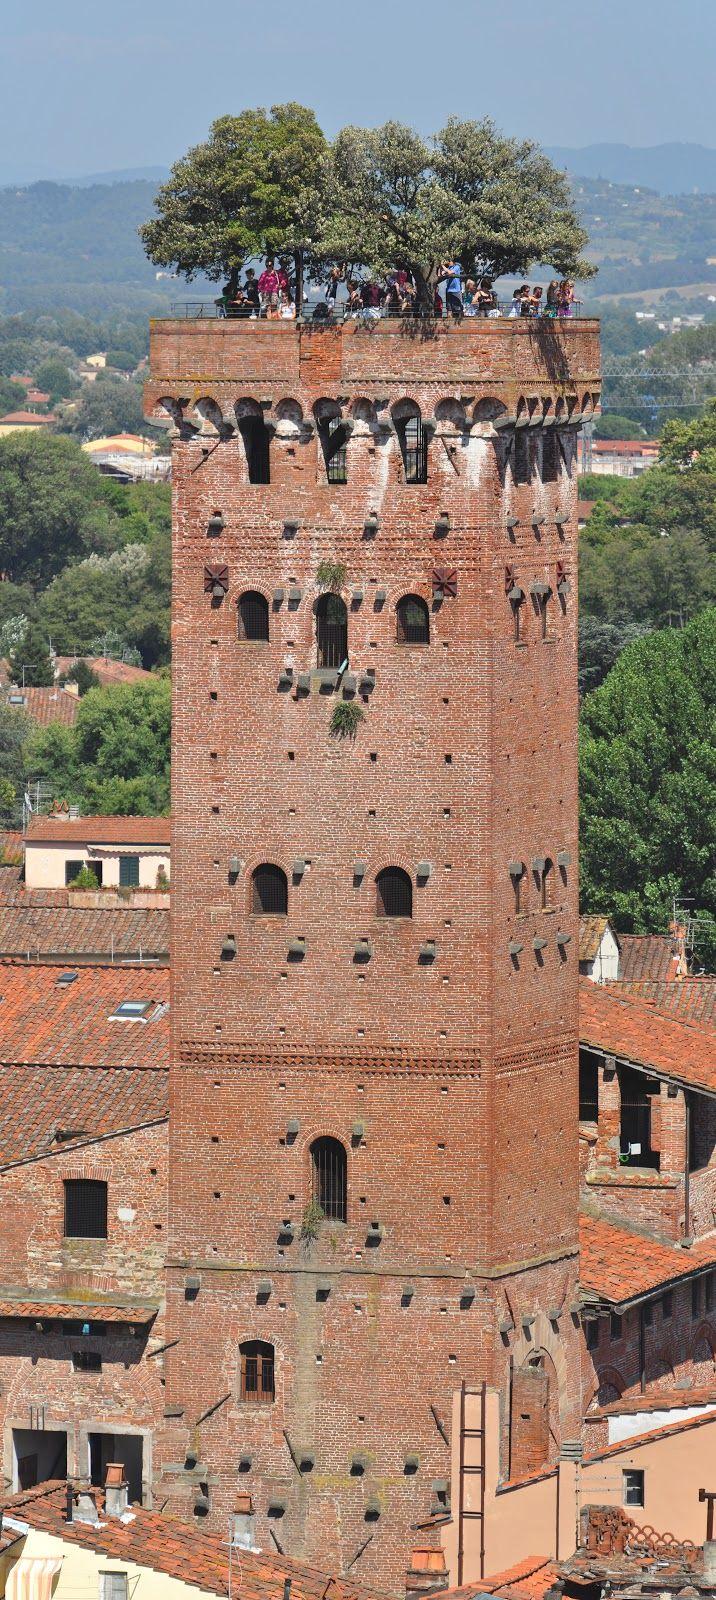 ITALIA: Lucca, la Toscana. Lucca es pequeñito. Hay un montón de iglesias, mucha calor... ¡y restaurantes muy buenos y con platos gigantes! :)